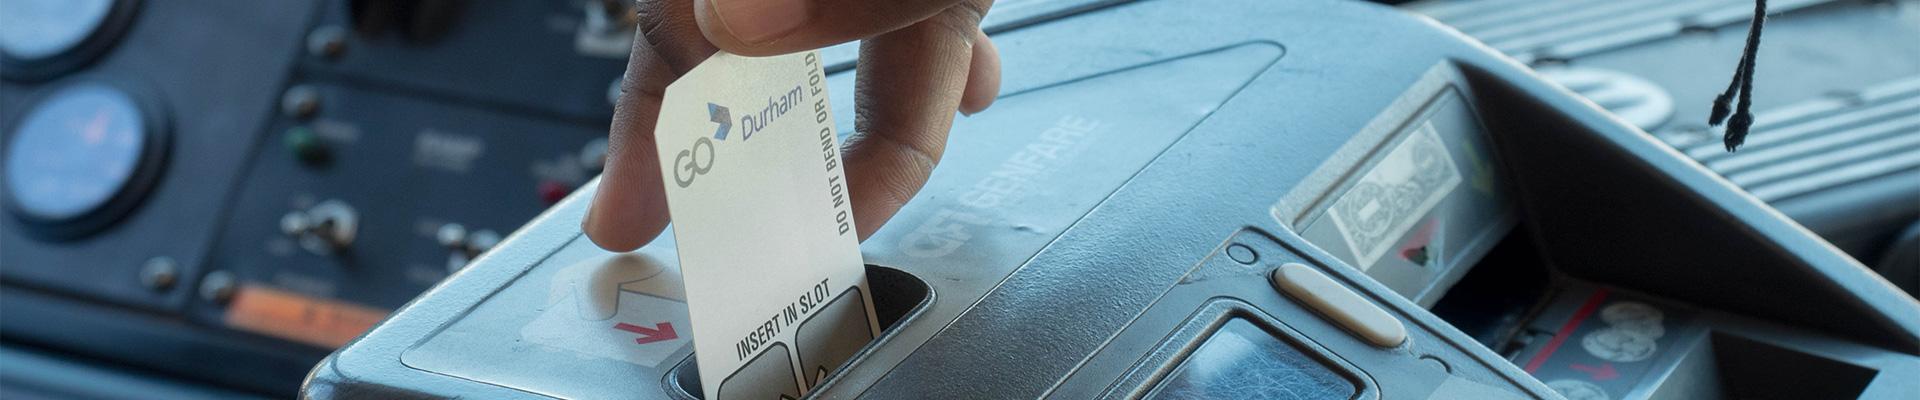 GoDurham Rider slides fare card though bus fare box